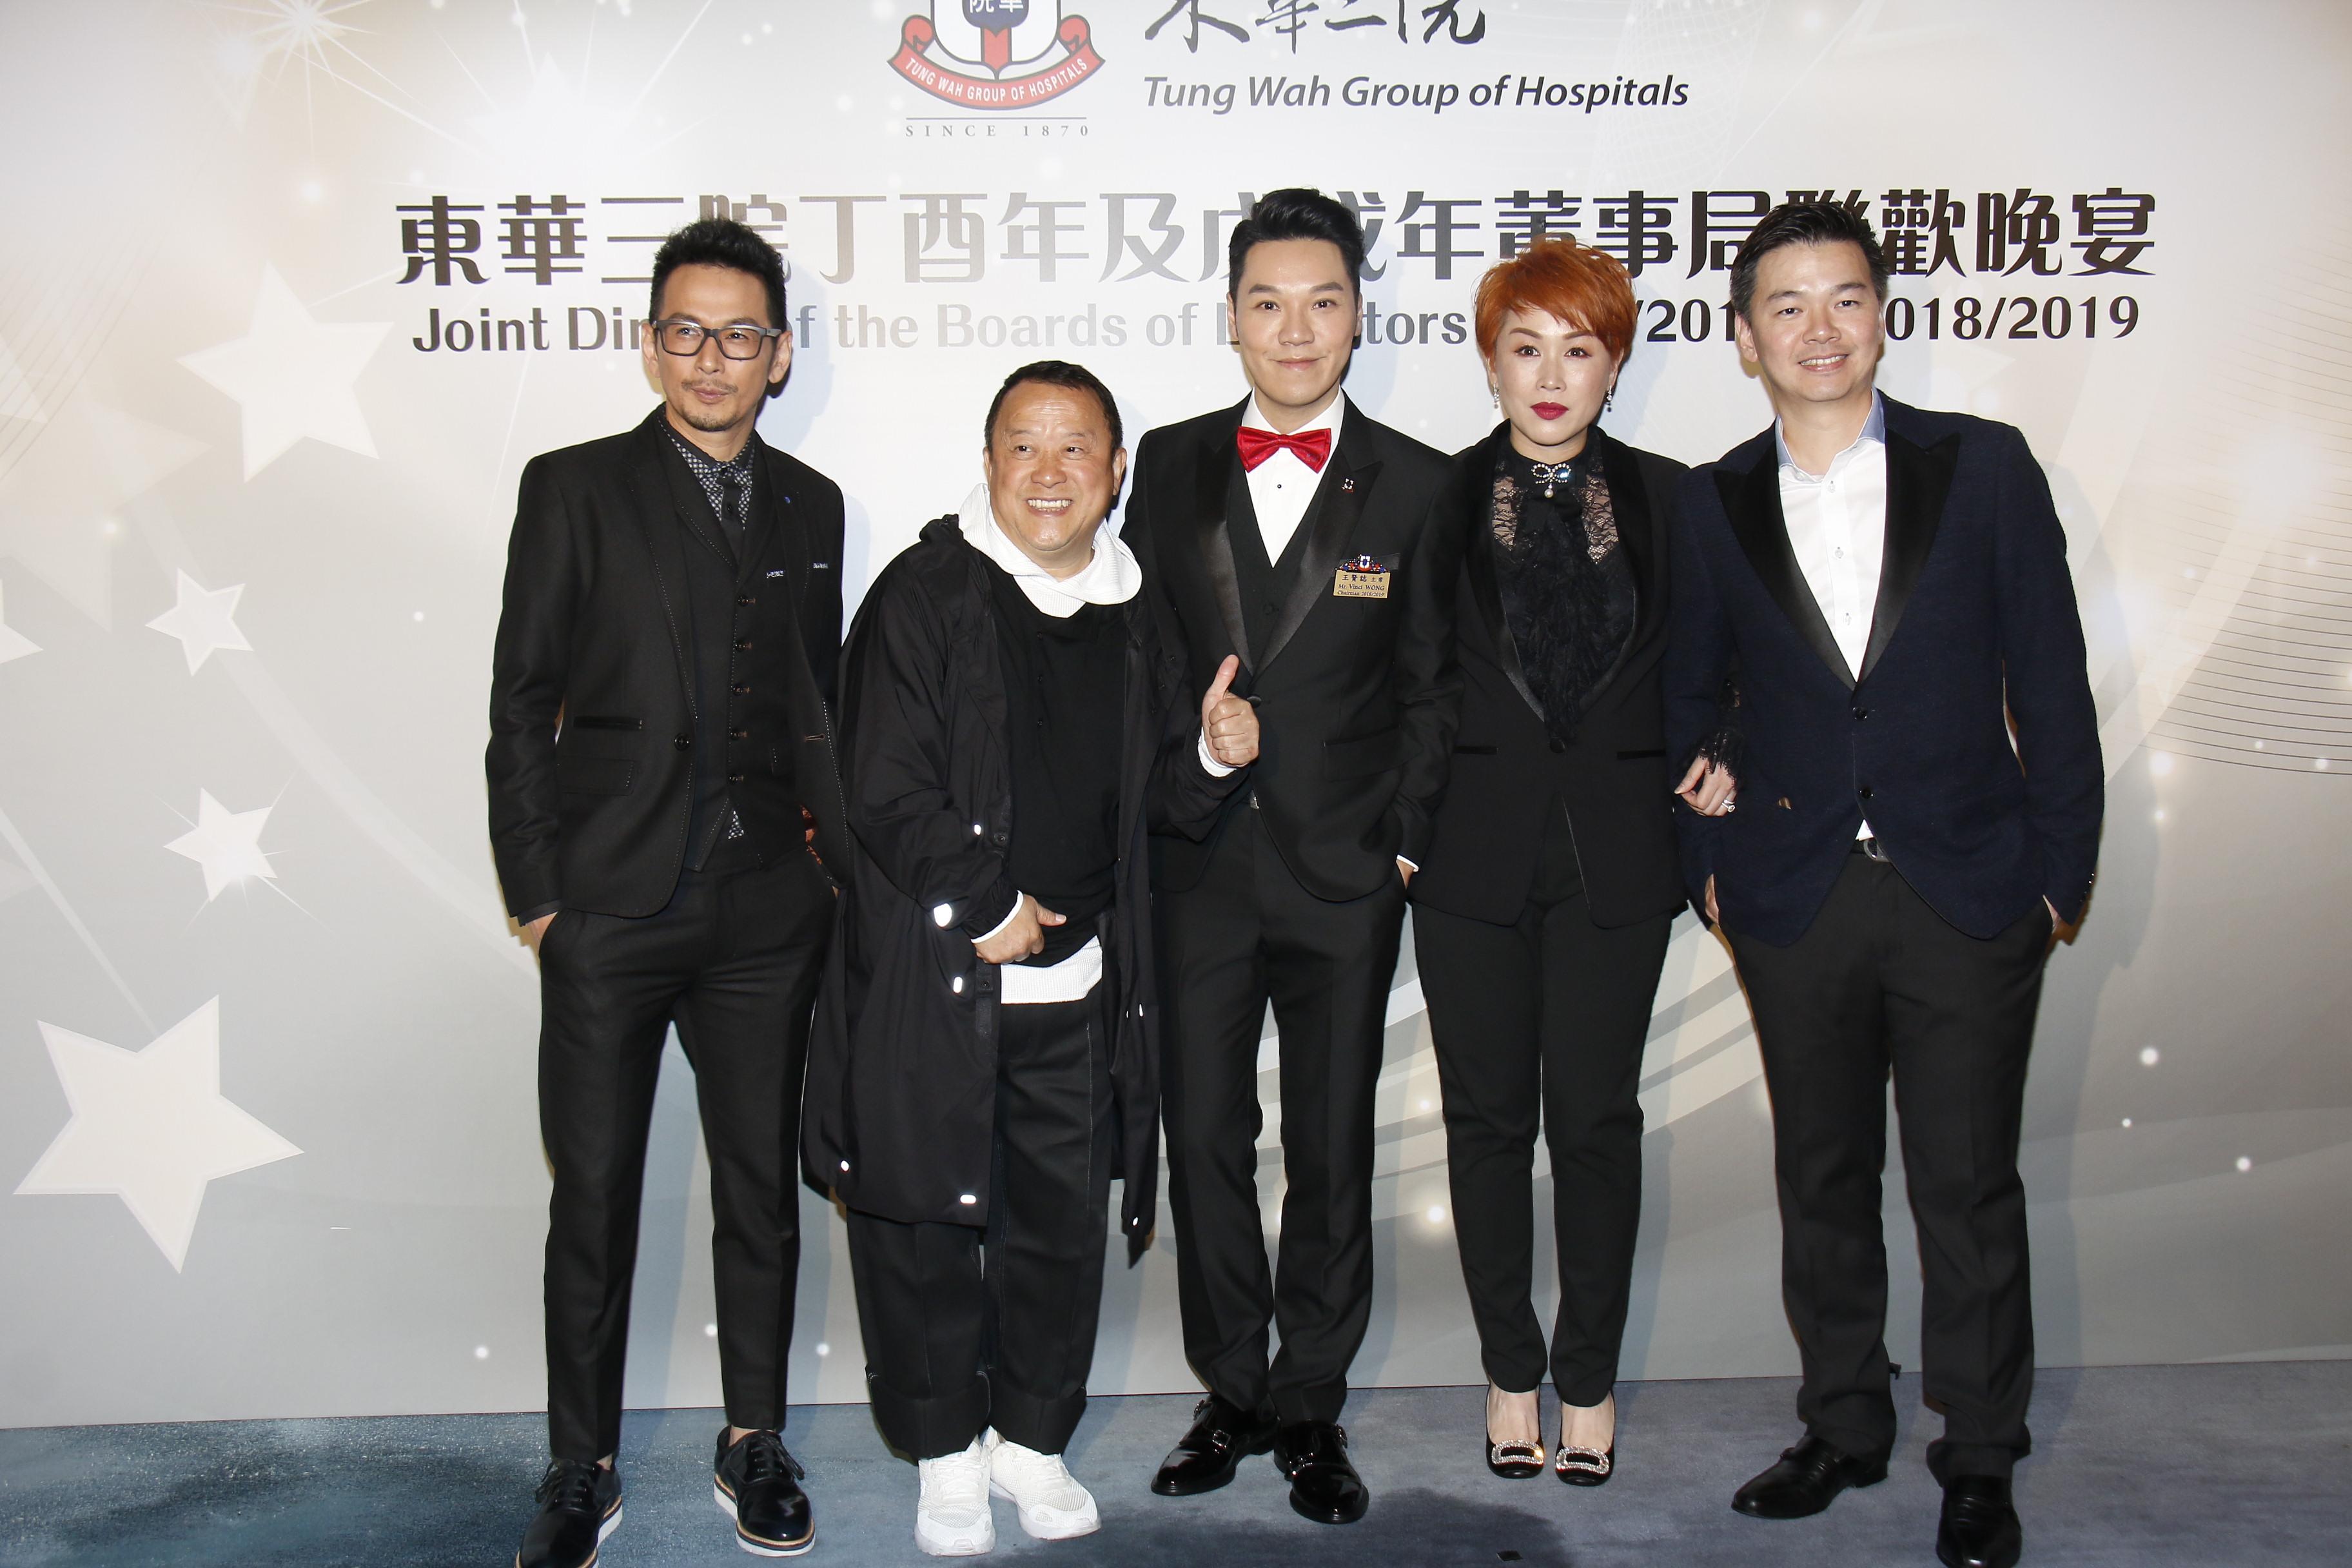 劉曉彤去年也有跟(左起)吳家樂、曾志偉、王賢誌等出席聯歡晚宴。